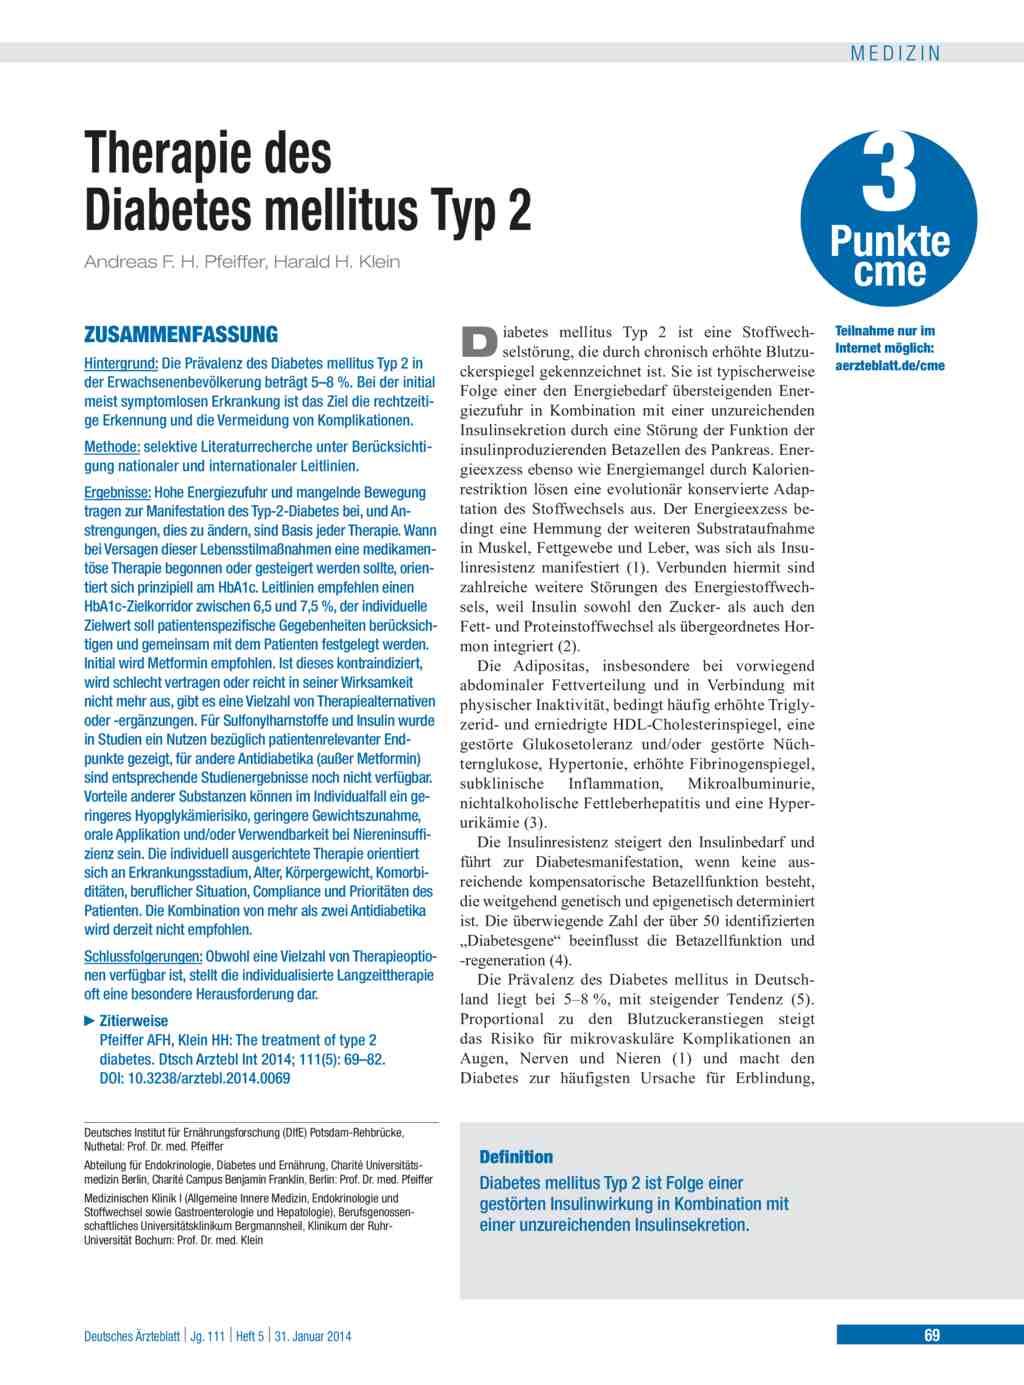 tipo de diabetes fallbeispiele pflege